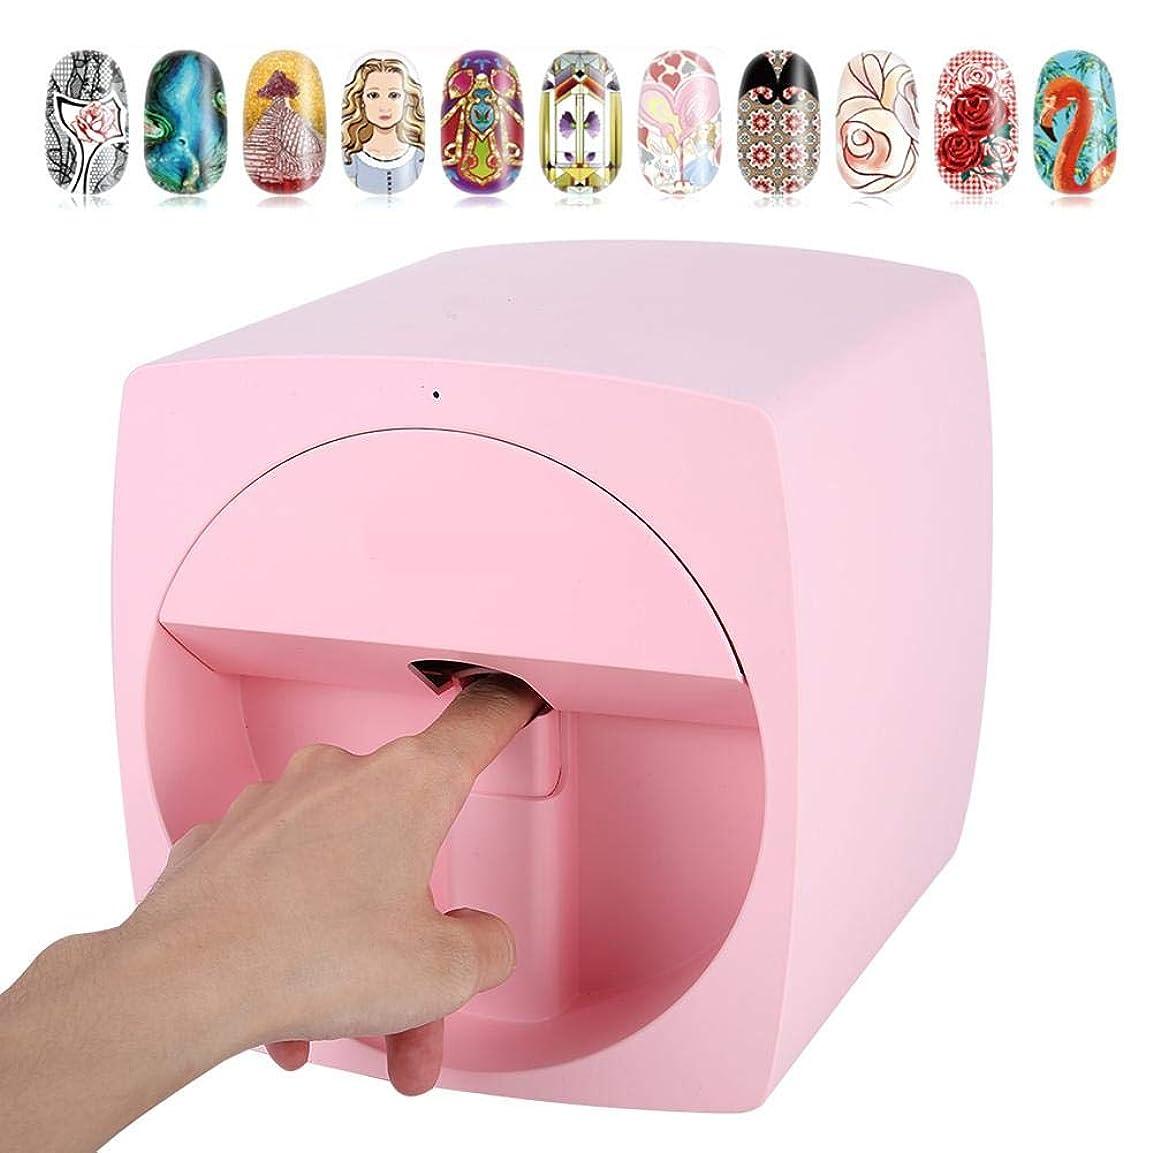 ウガンダメキシコ腰DIYキット Mugast デジタルモバイル ネイルアートプリンター ポータブル3Dスマート 35秒急速度 安全性 高級感 美しい爪のために 電動 ネイル機器 初心者対応 ピンク(USプラグ)